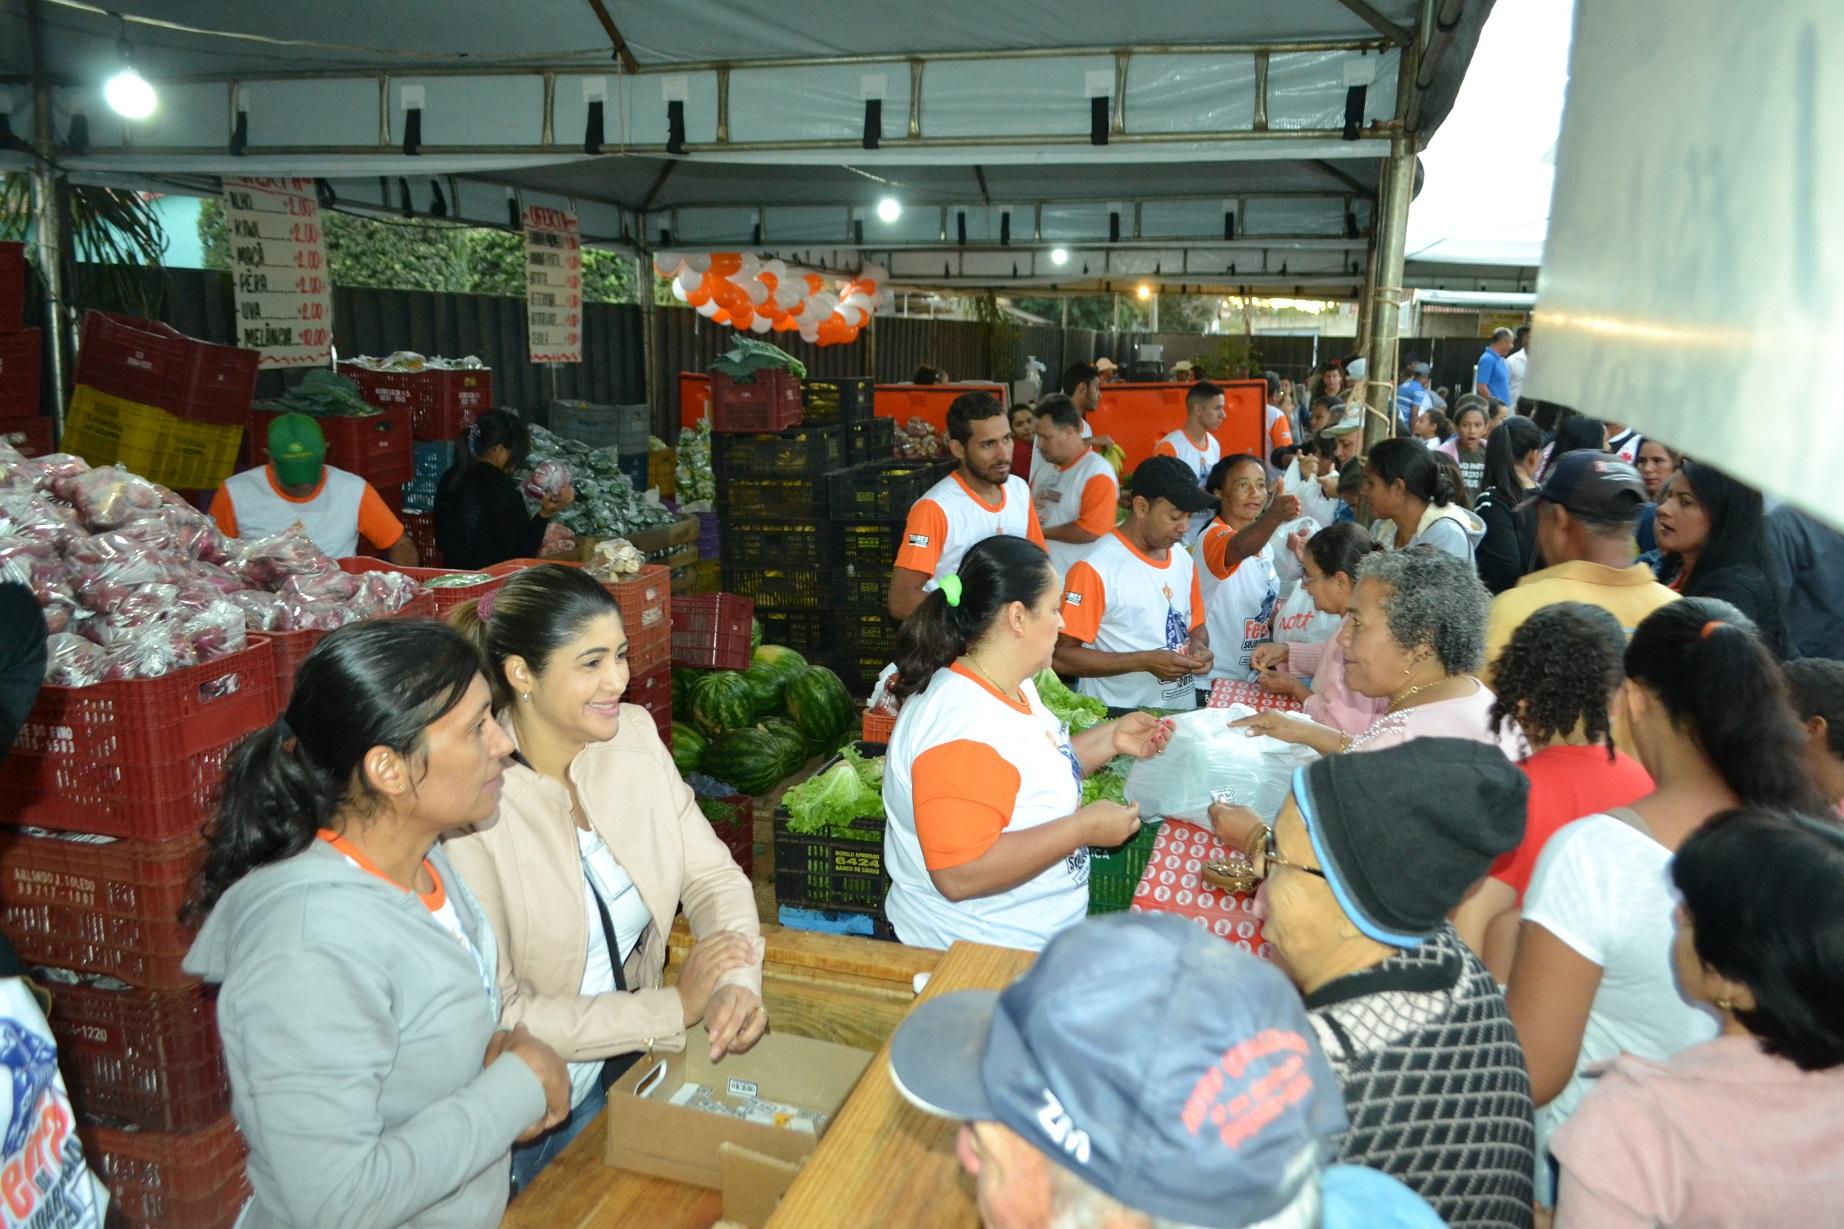 Na barraca do Sacolão foram vendidos 15 tipos de frutas, verduras e legumes: tudo muito barato [Foto: Euclides Oliveira]